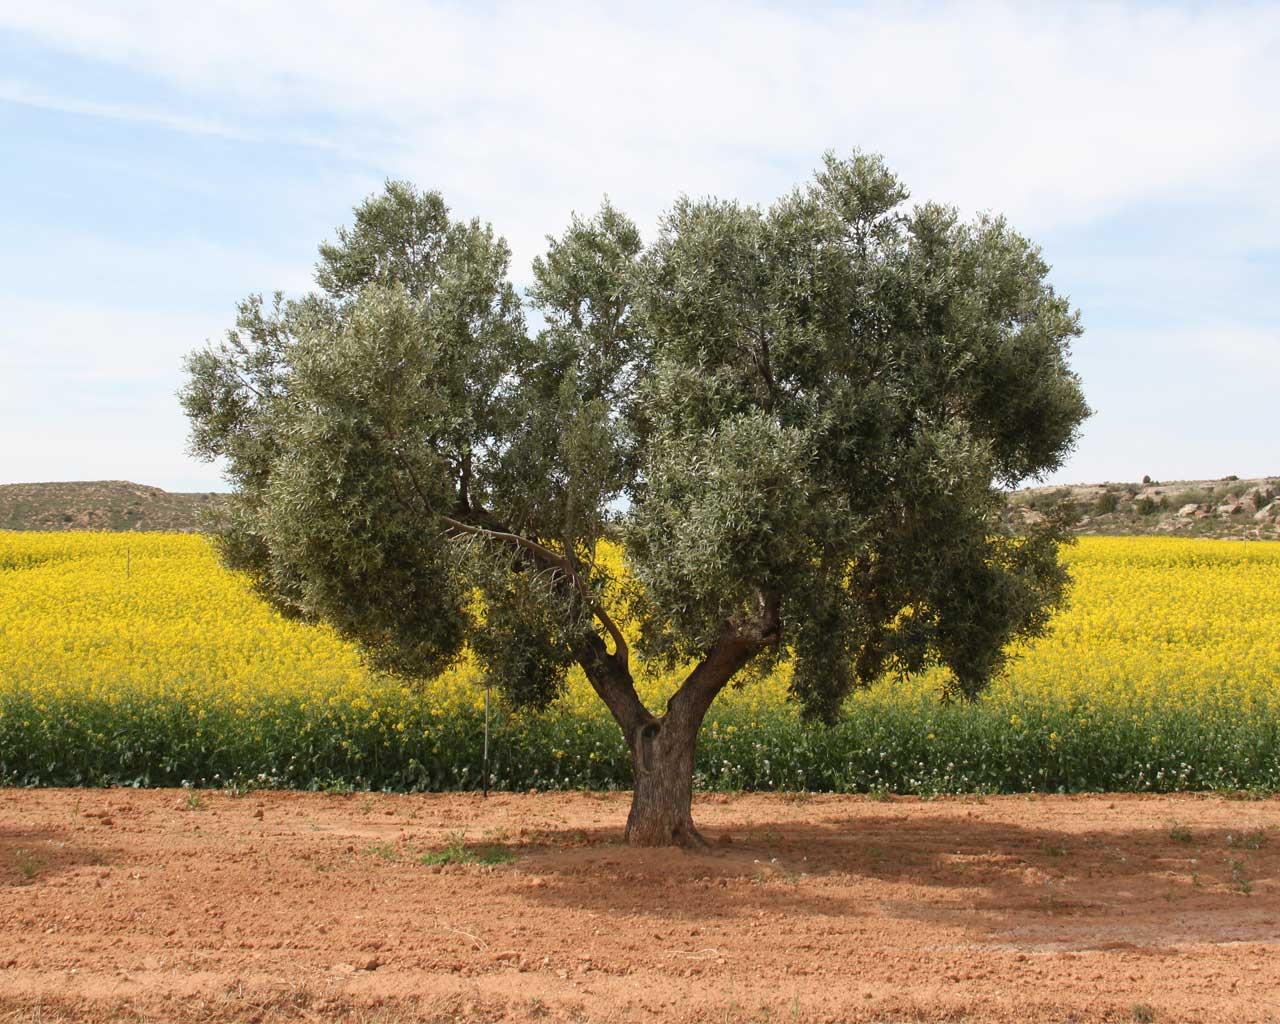 Olive tree in rape oil field